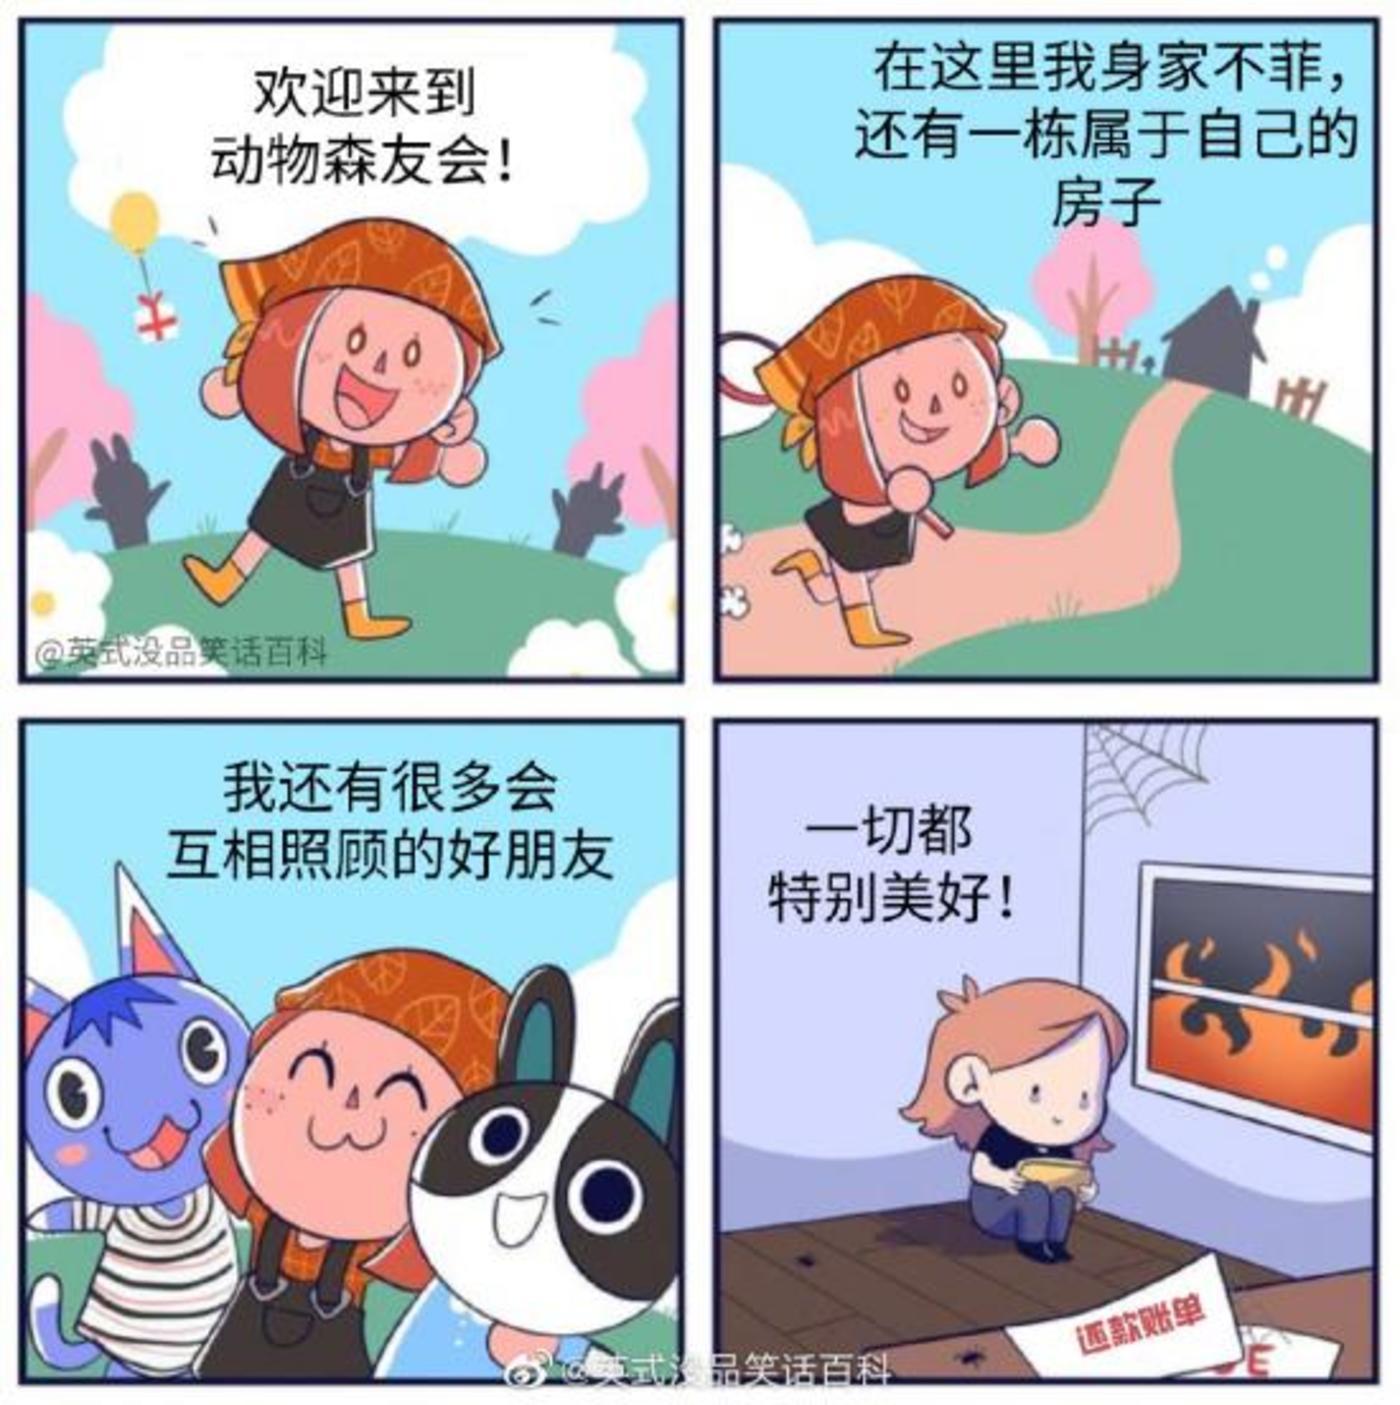 图片来源:微博 @英式没品笑话百科